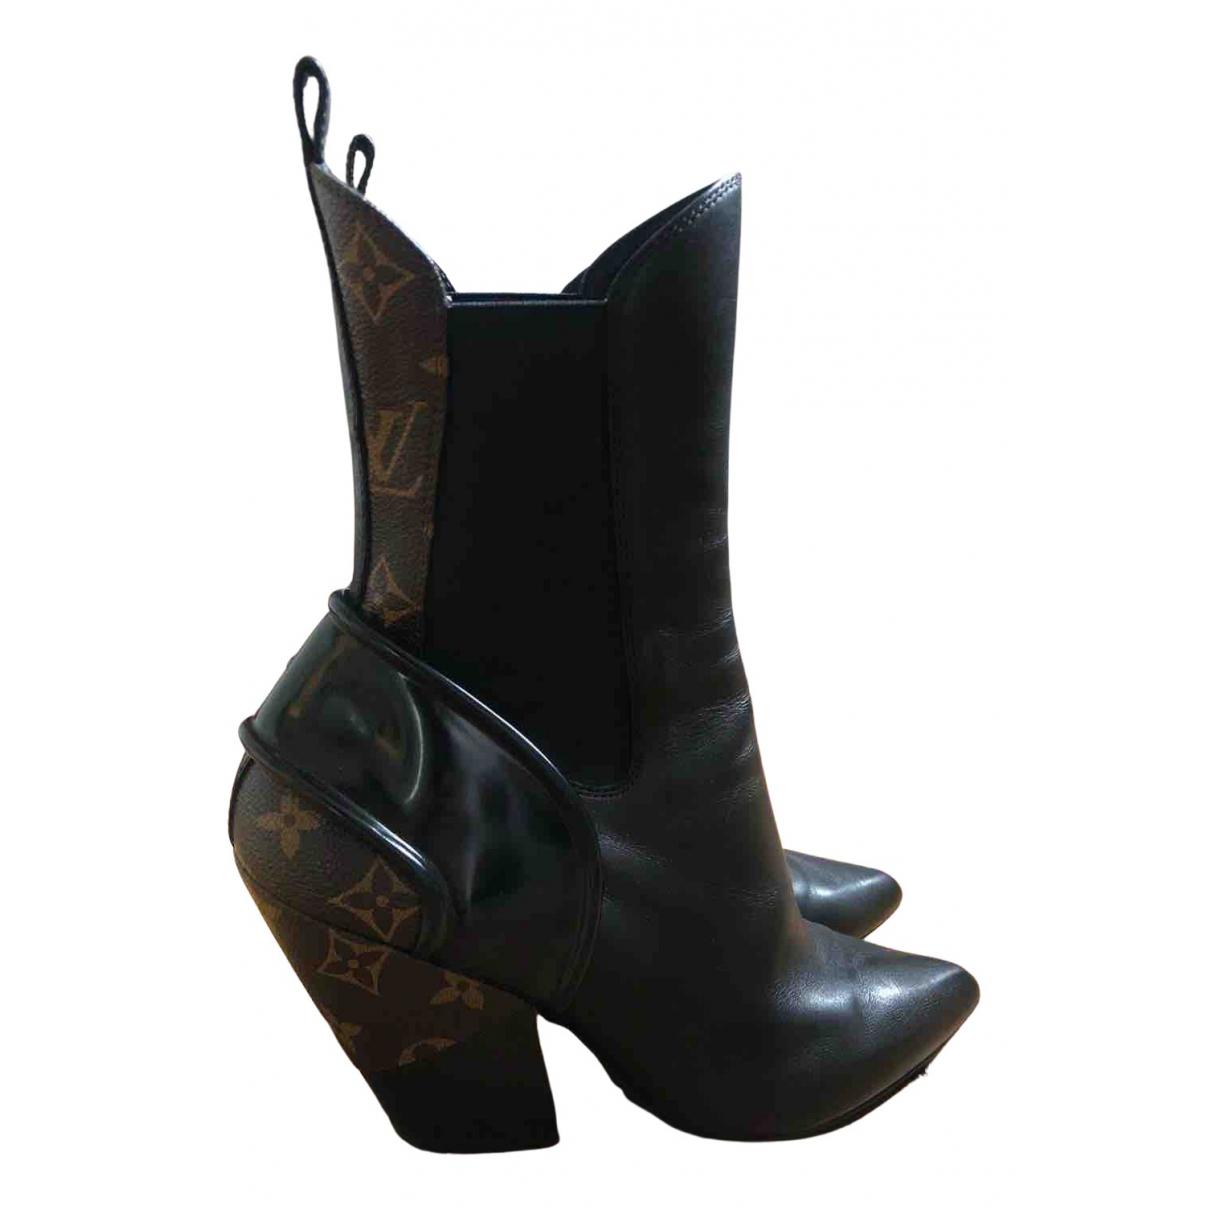 Louis Vuitton - Boots Fireball pour femme en cuir - noir